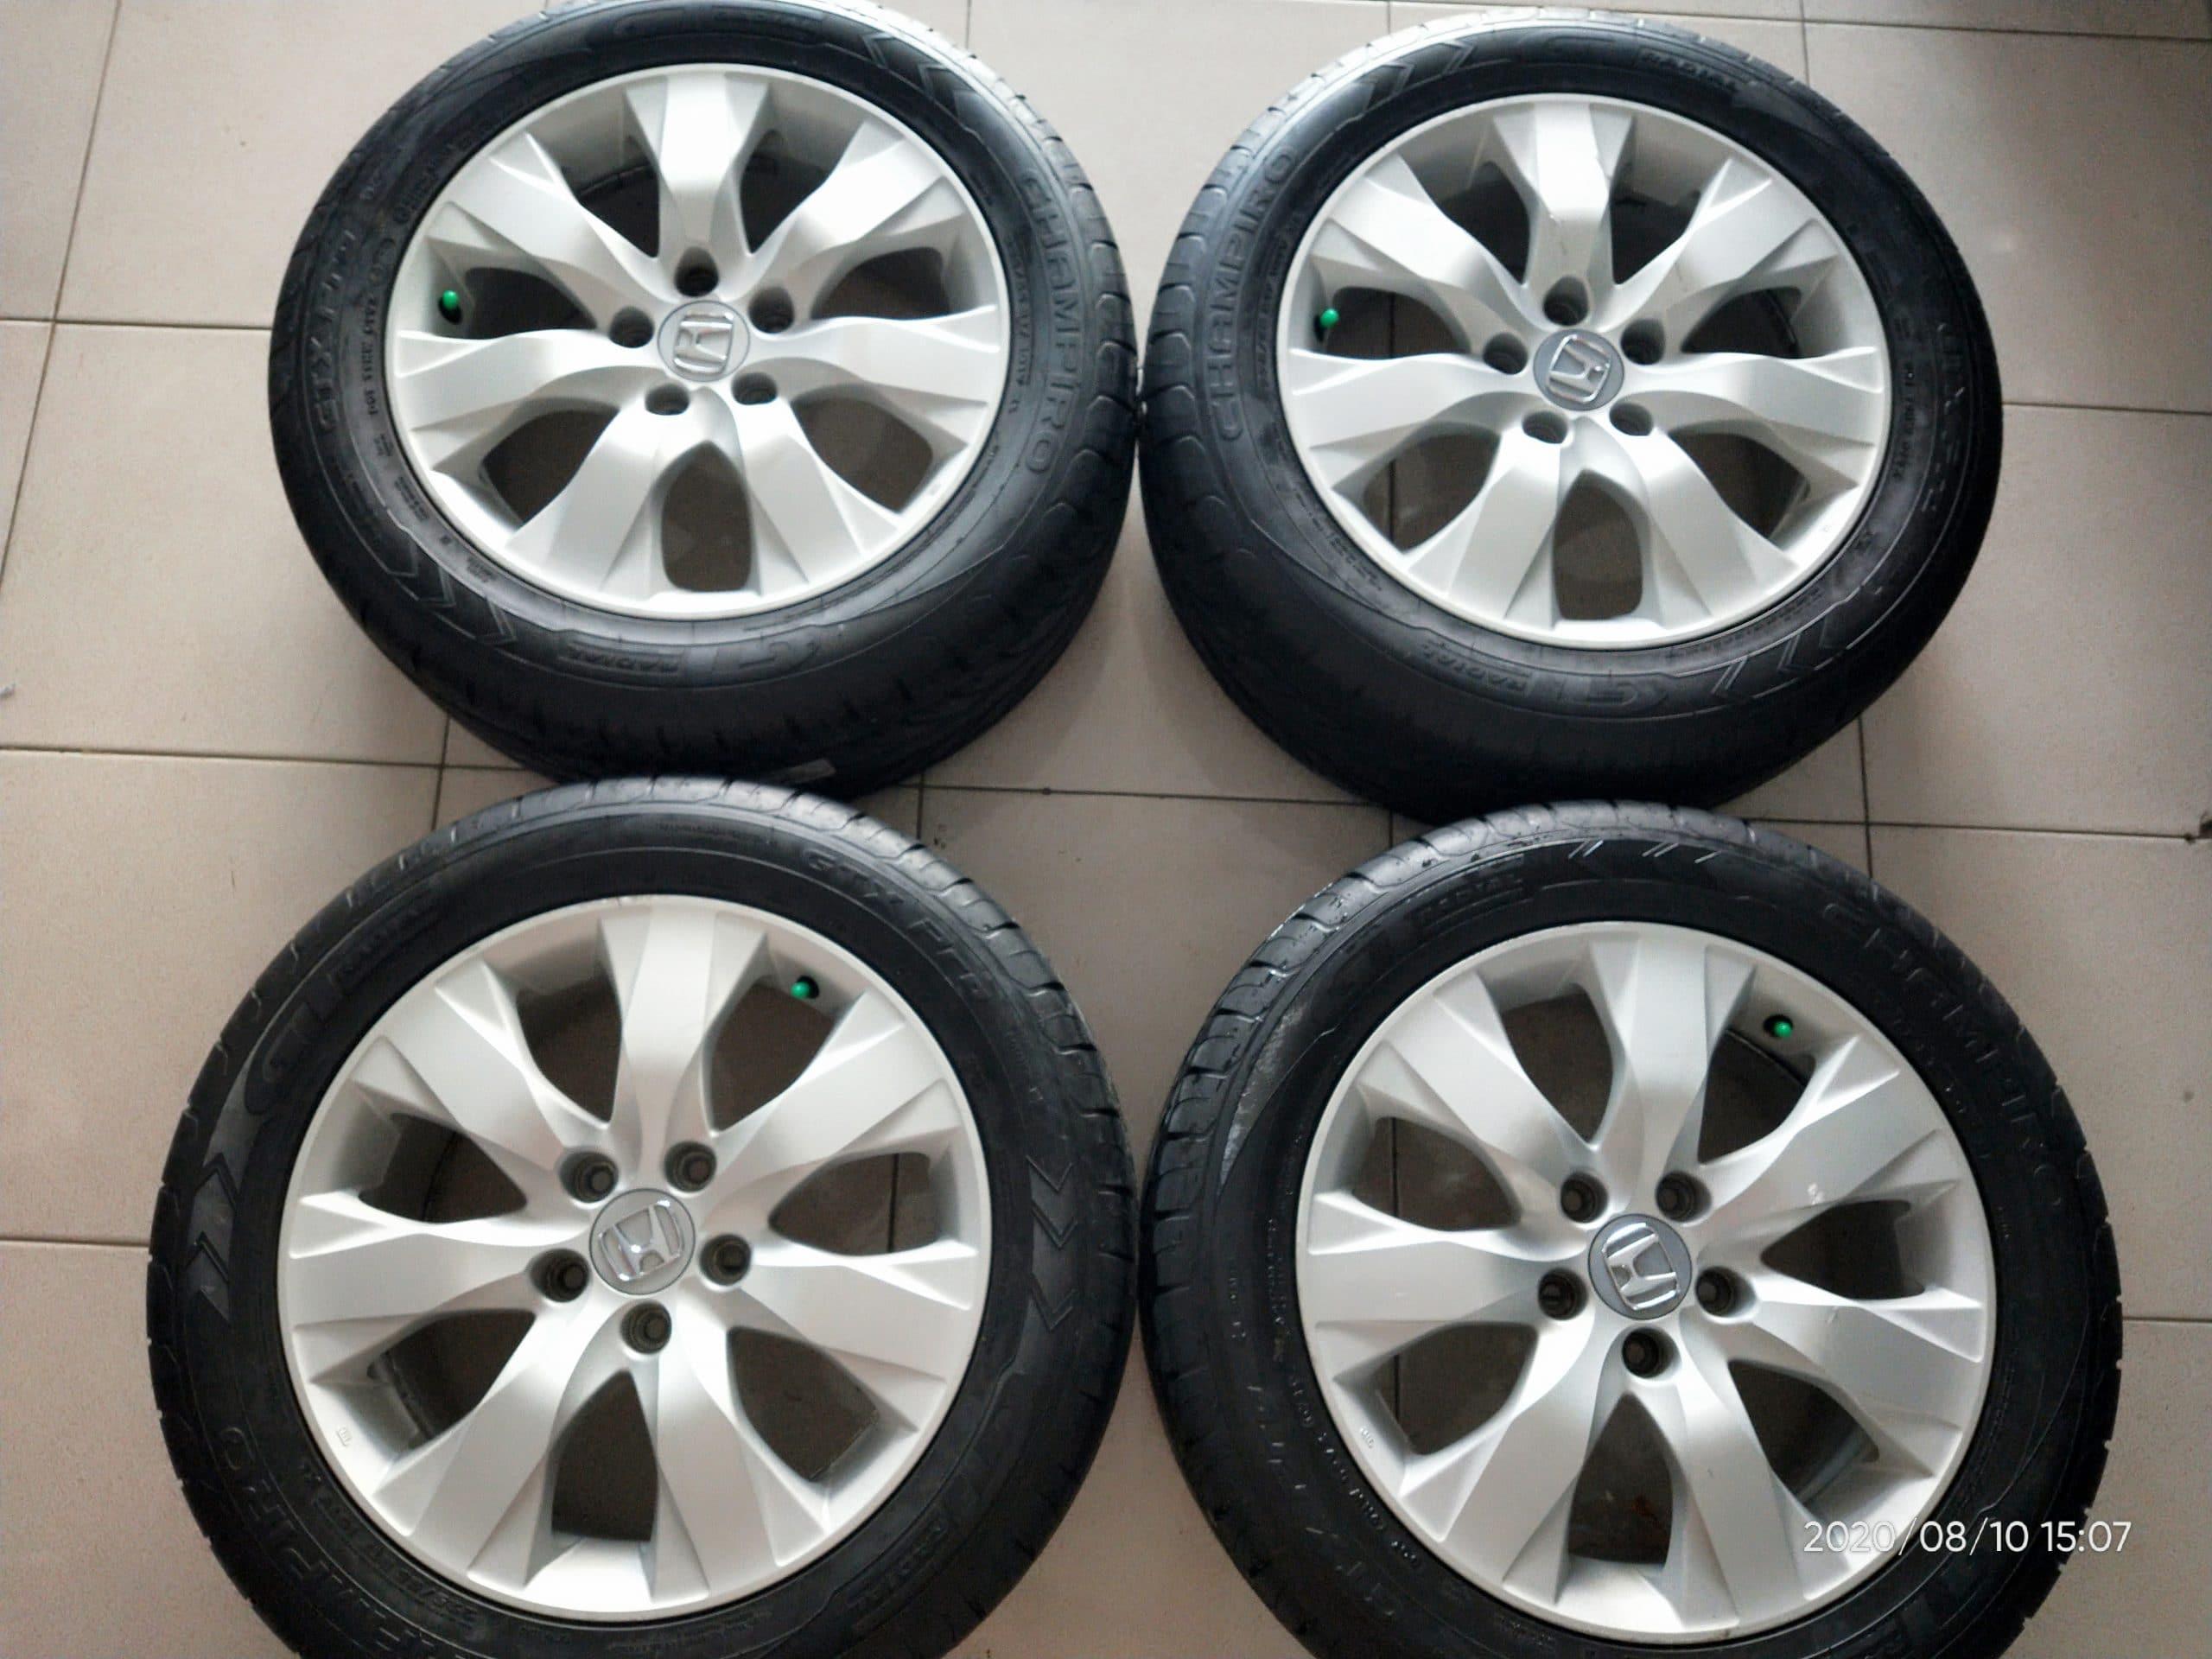 VELG OEM MOBIL HONDA ACCORD R17+BAN GT UKURAN 225/55-17